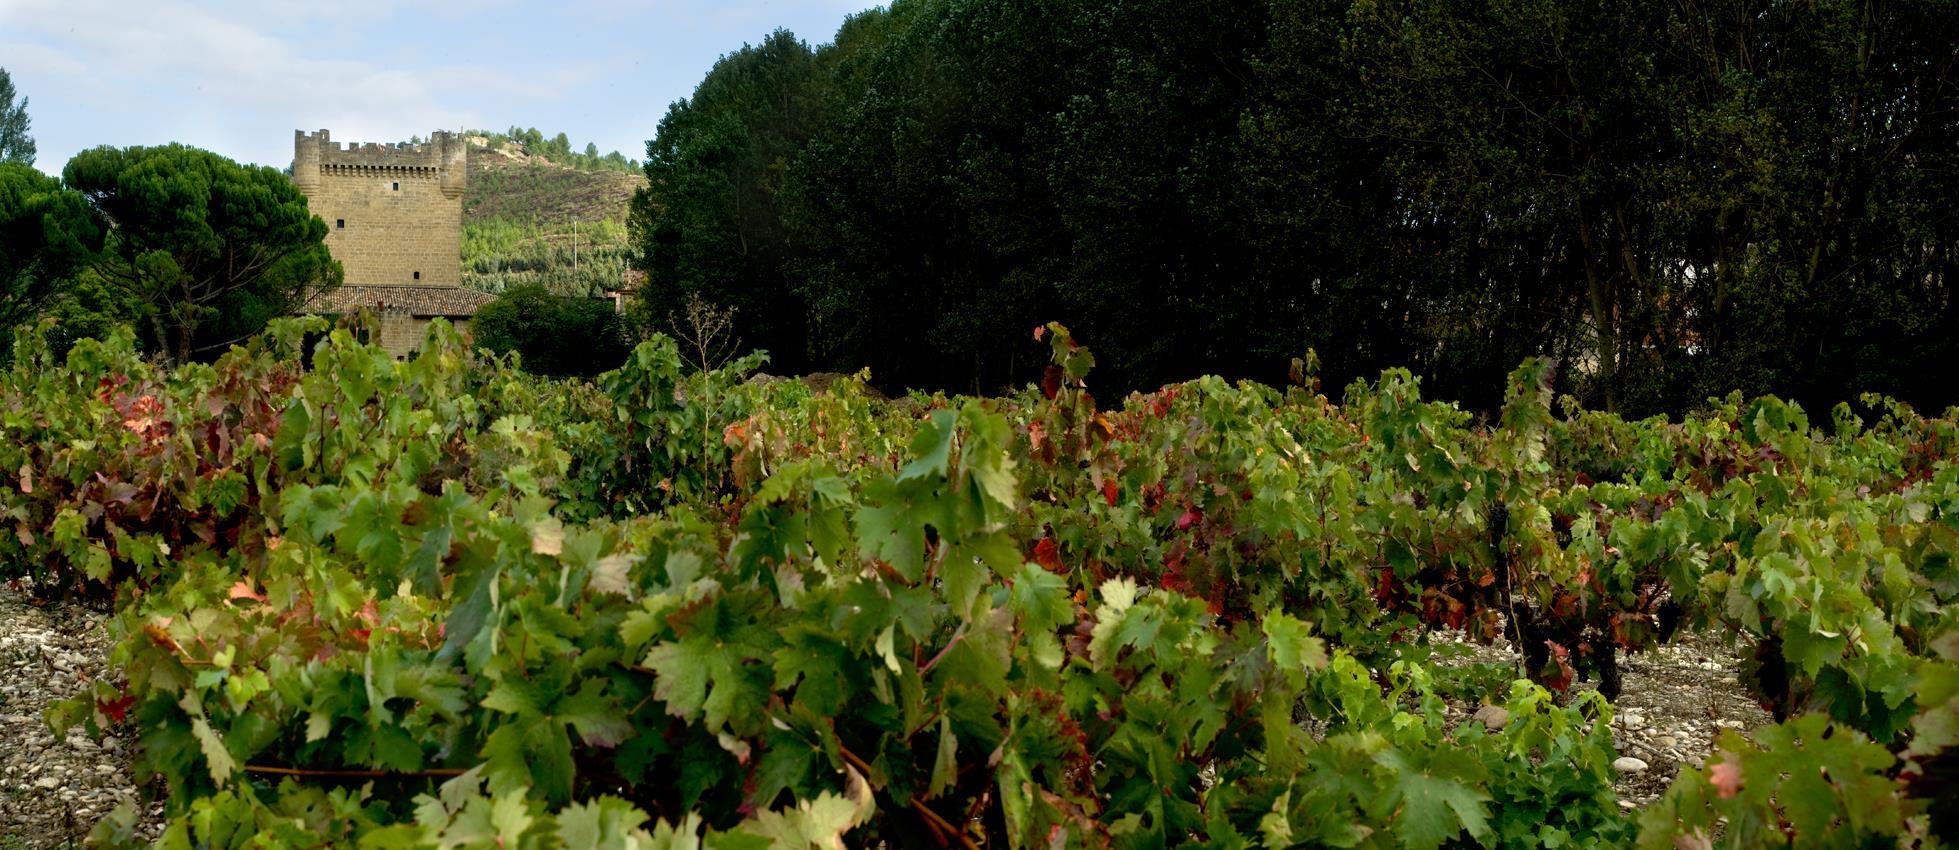 Bodegas castillo de cuzcurrita winery la rioja turismo for Bodegas de jardin